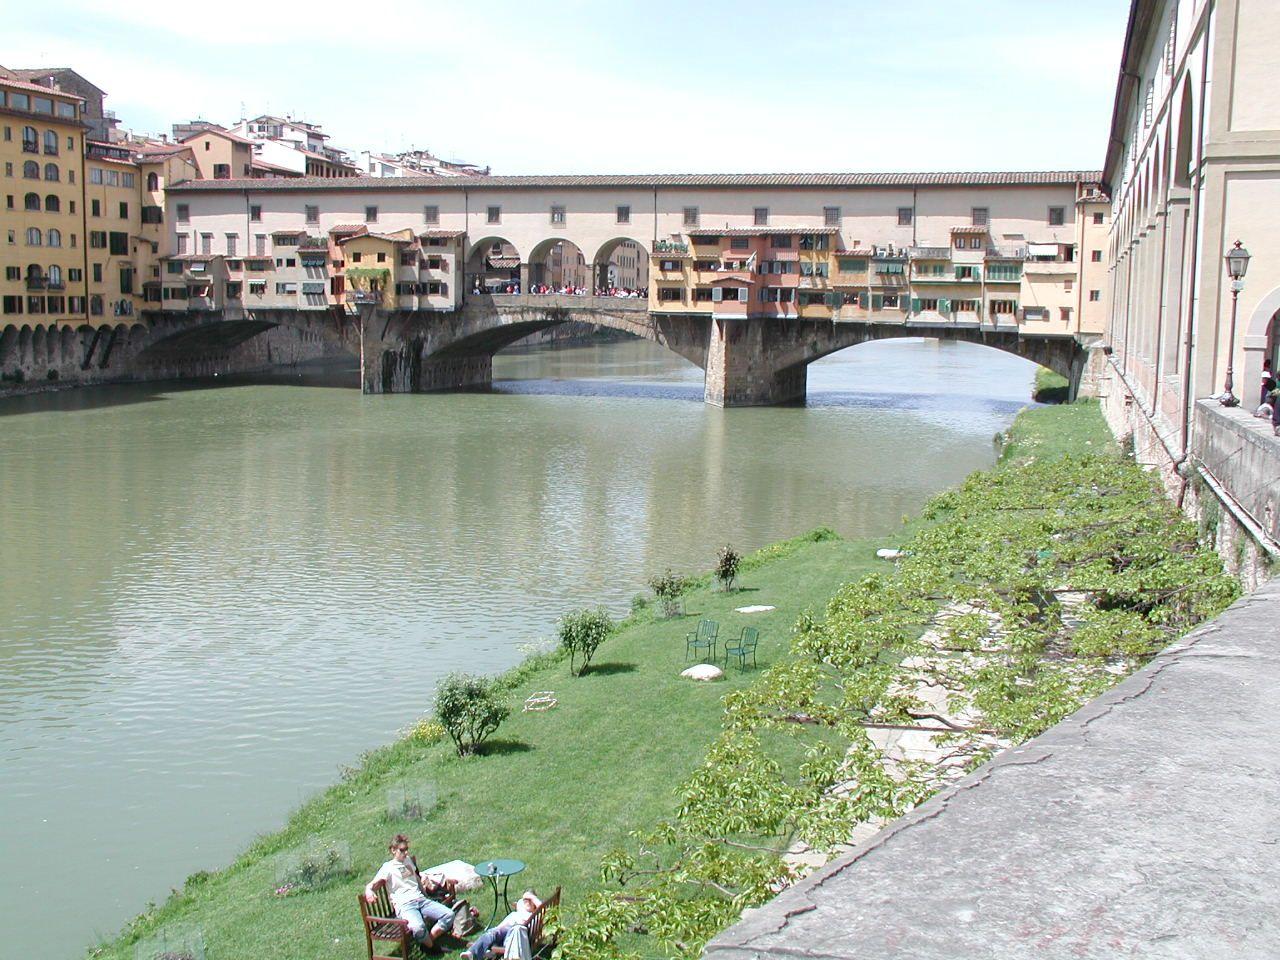 Itálie, Toskánsko - Florencie - Ponte Vecchio přes řeku Arno, 1345, arch. Neri di Fioravante na místě římského mostu